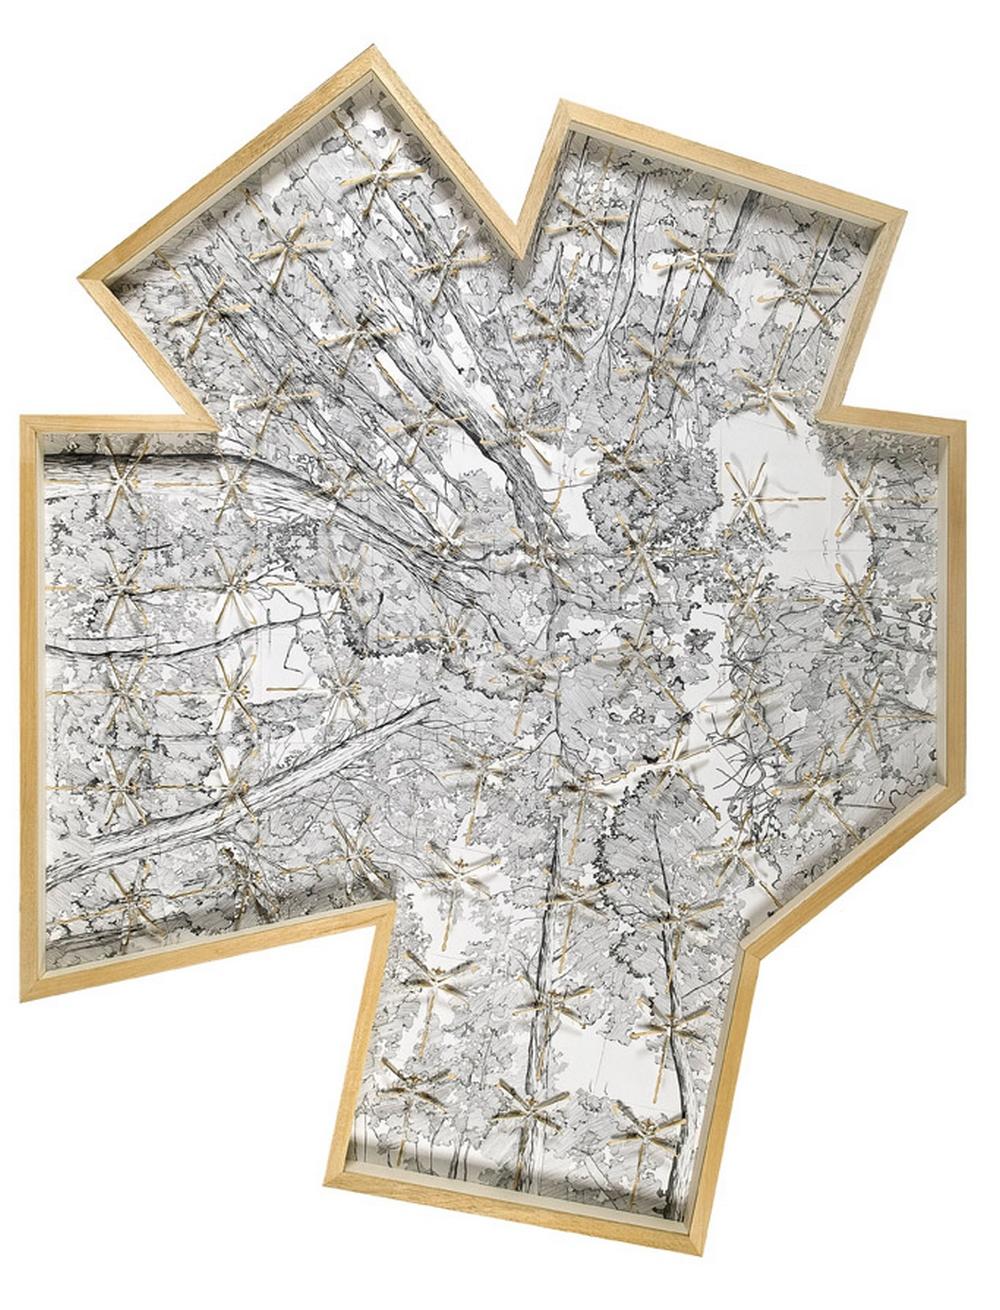 Sans titre 4.10, crayon et papier découpé@(226 x 196 cm)